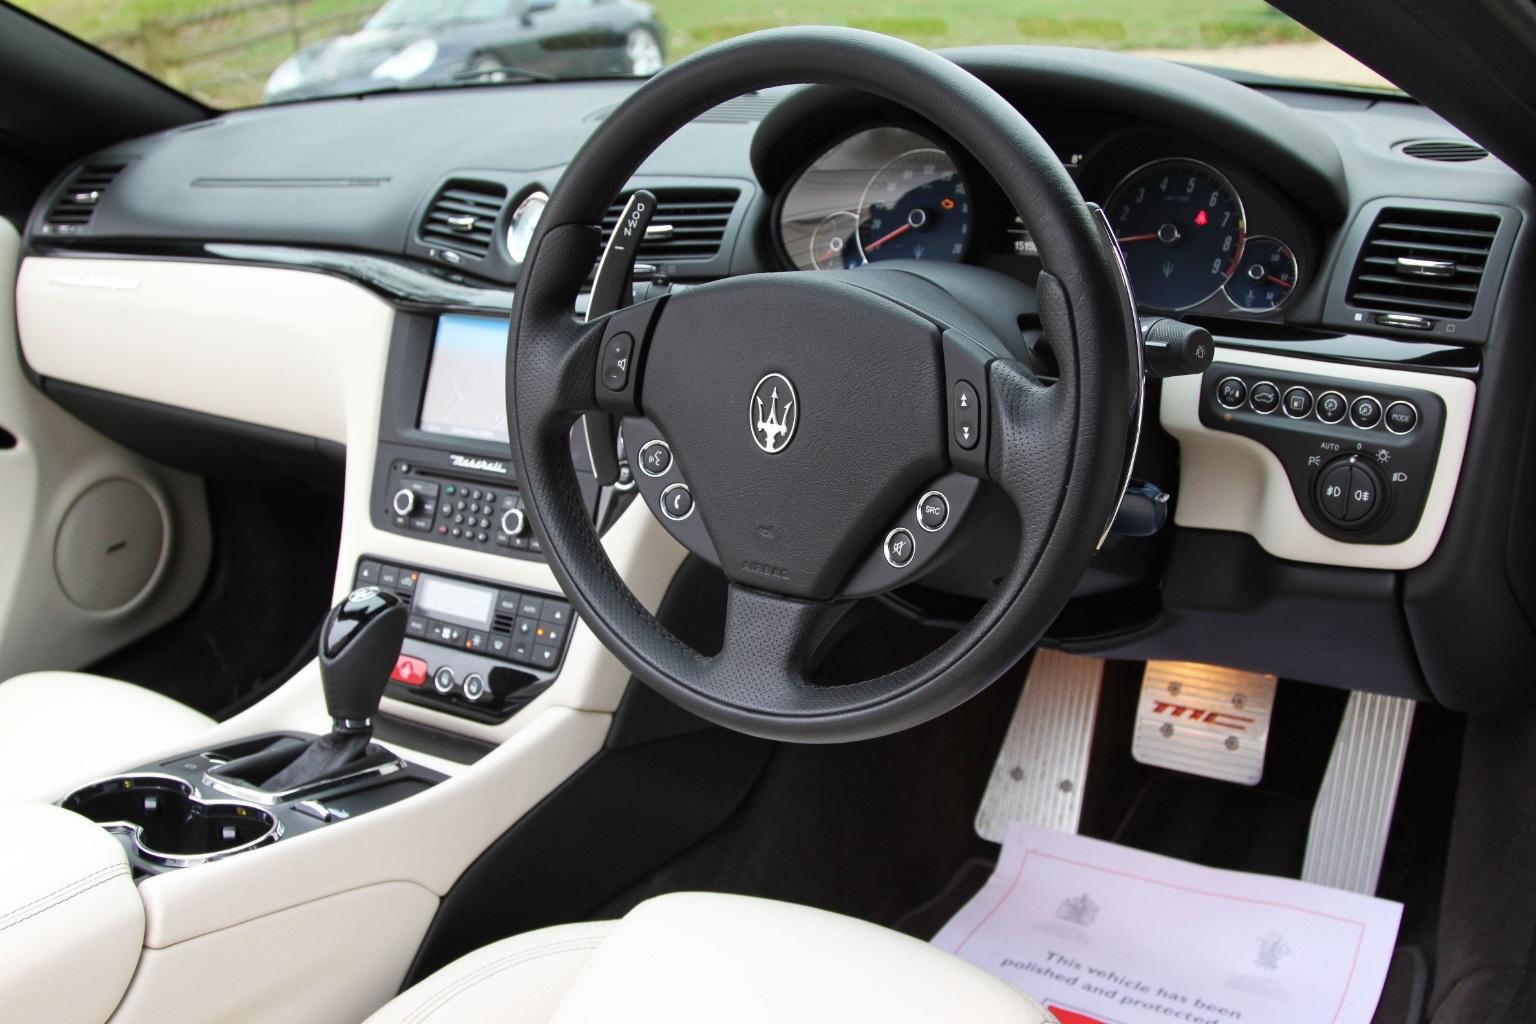 Maserati Grancabrio  Sport - 1 OWNER - 15,000 Miles - Image 10